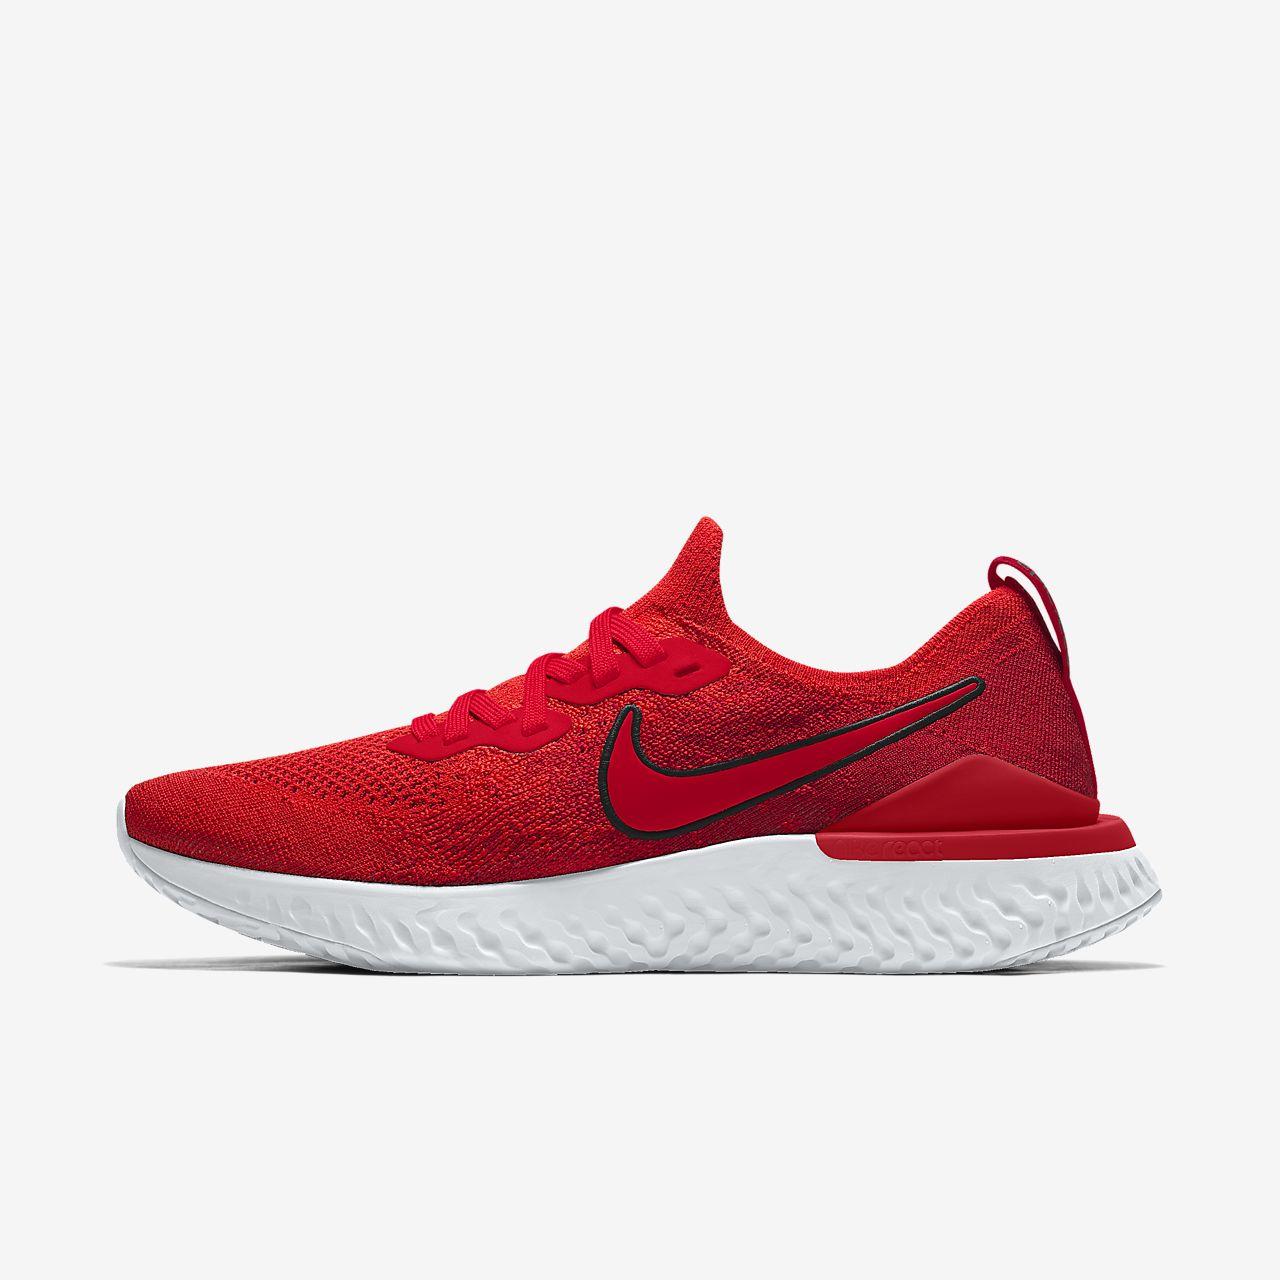 Męskie personalizowane buty do biegania Nike Epic React Flyknit 2 By You